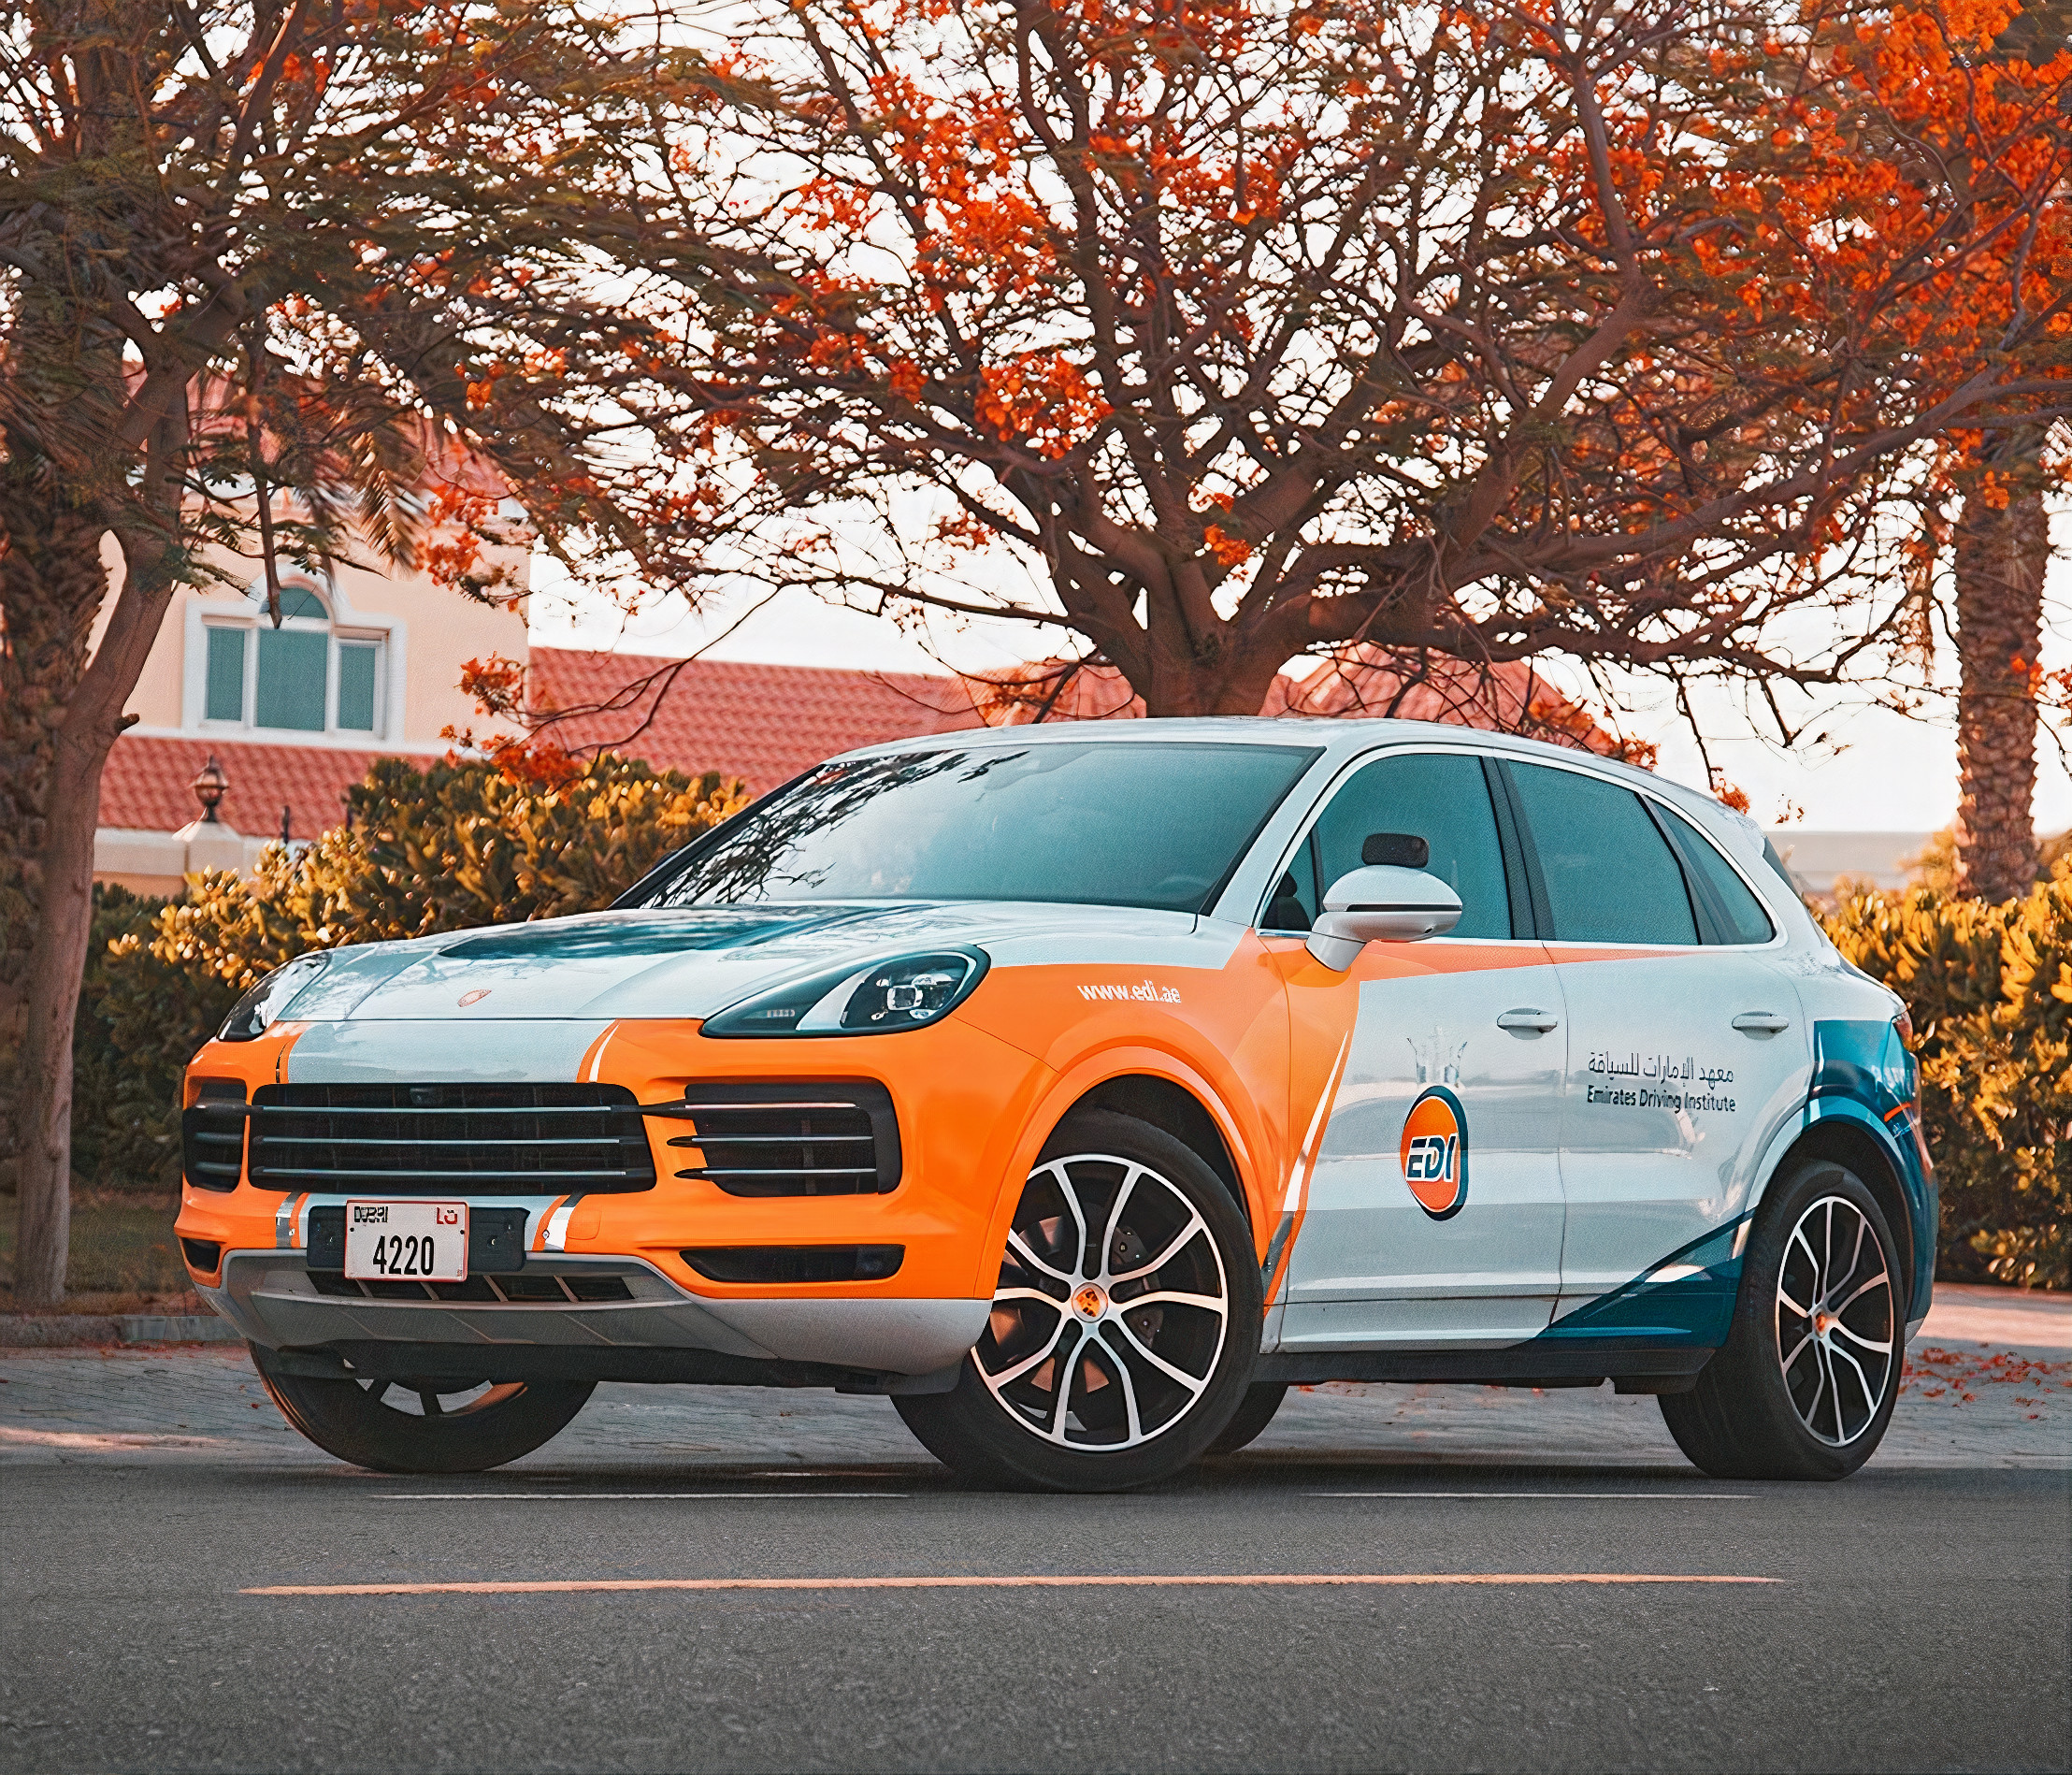 Emirates Driving Institute Porsche Cayenne